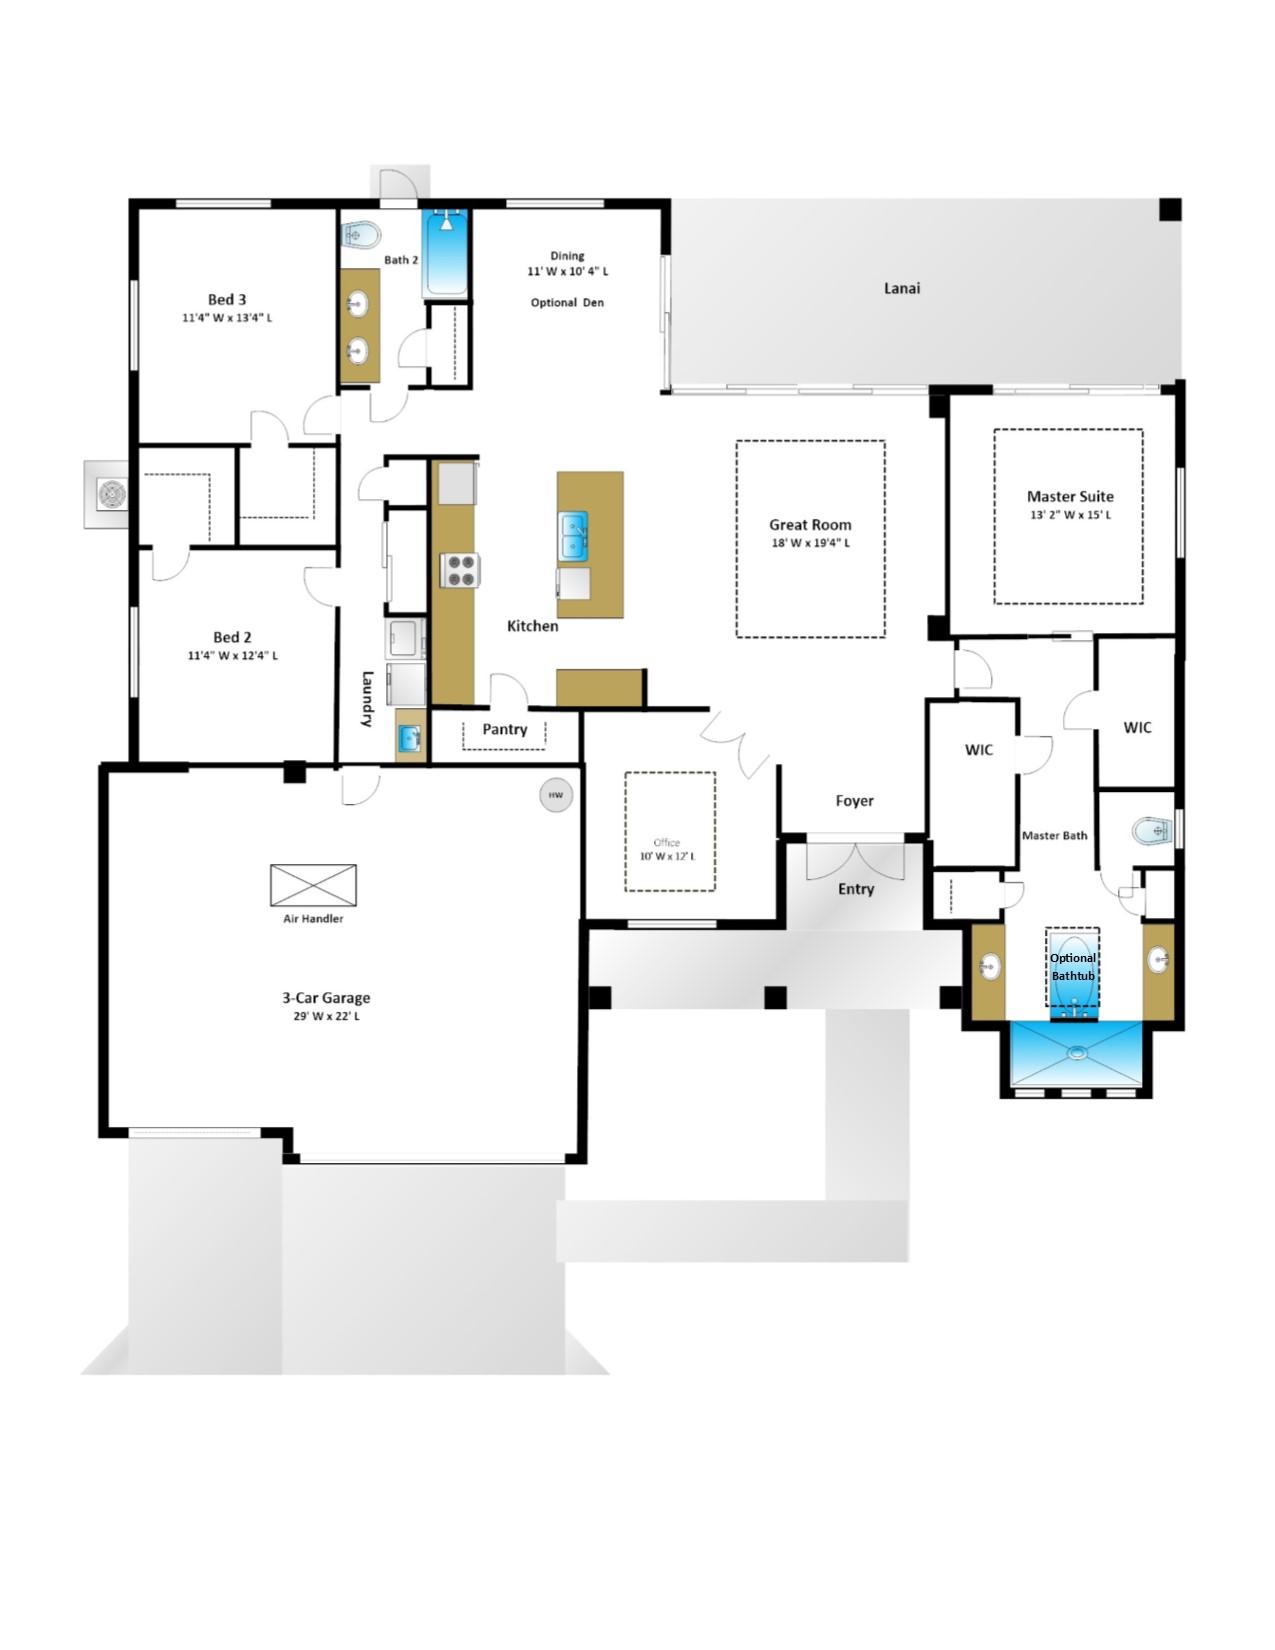 Pelican – 3 Bedroom 2 Bath 3 Car Garage